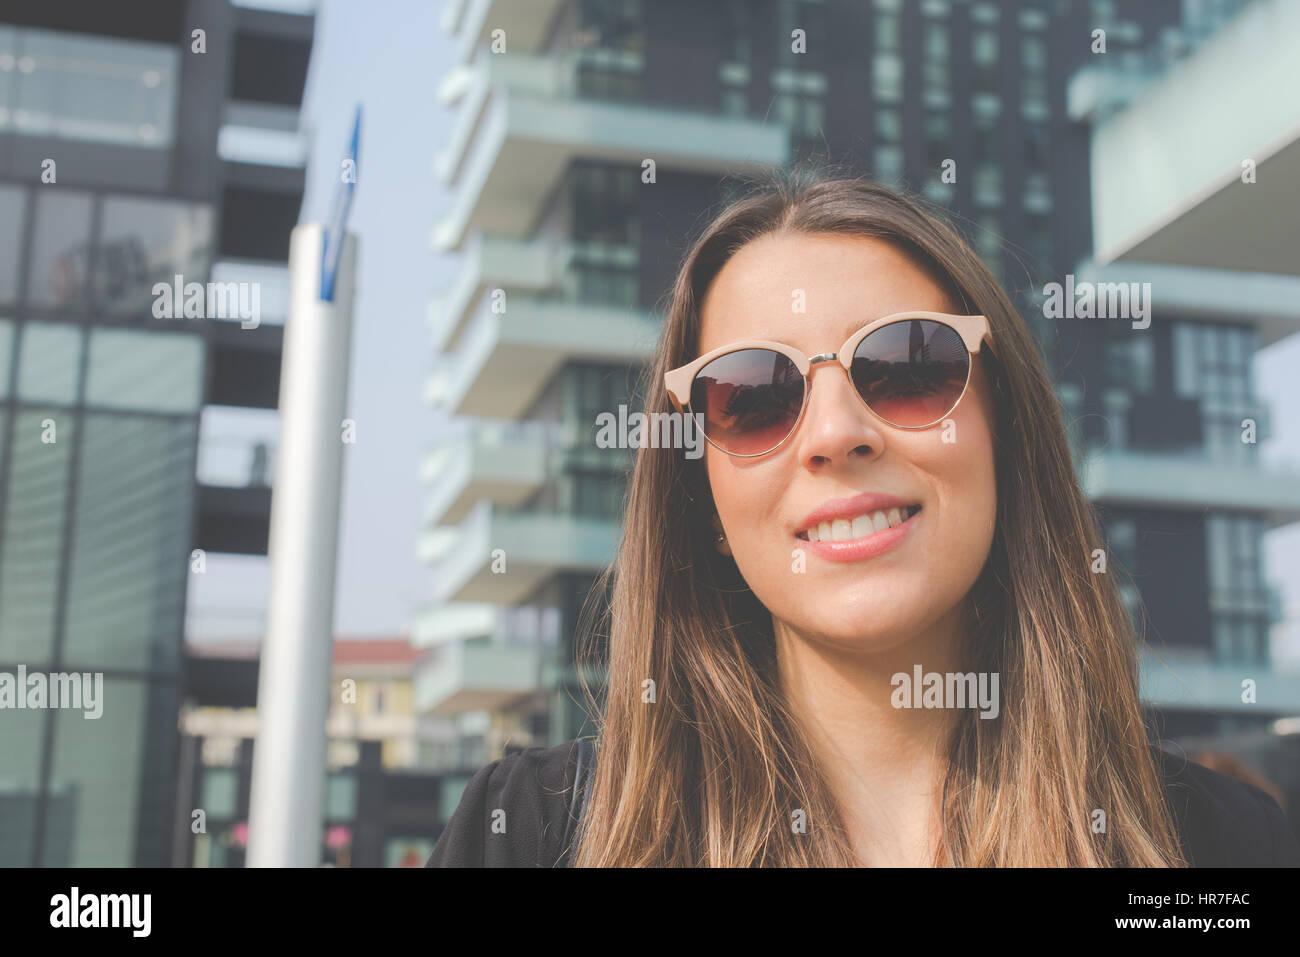 junge authentische Business-Frau in der Stadt für ein Buisness-Reisen Stockbild